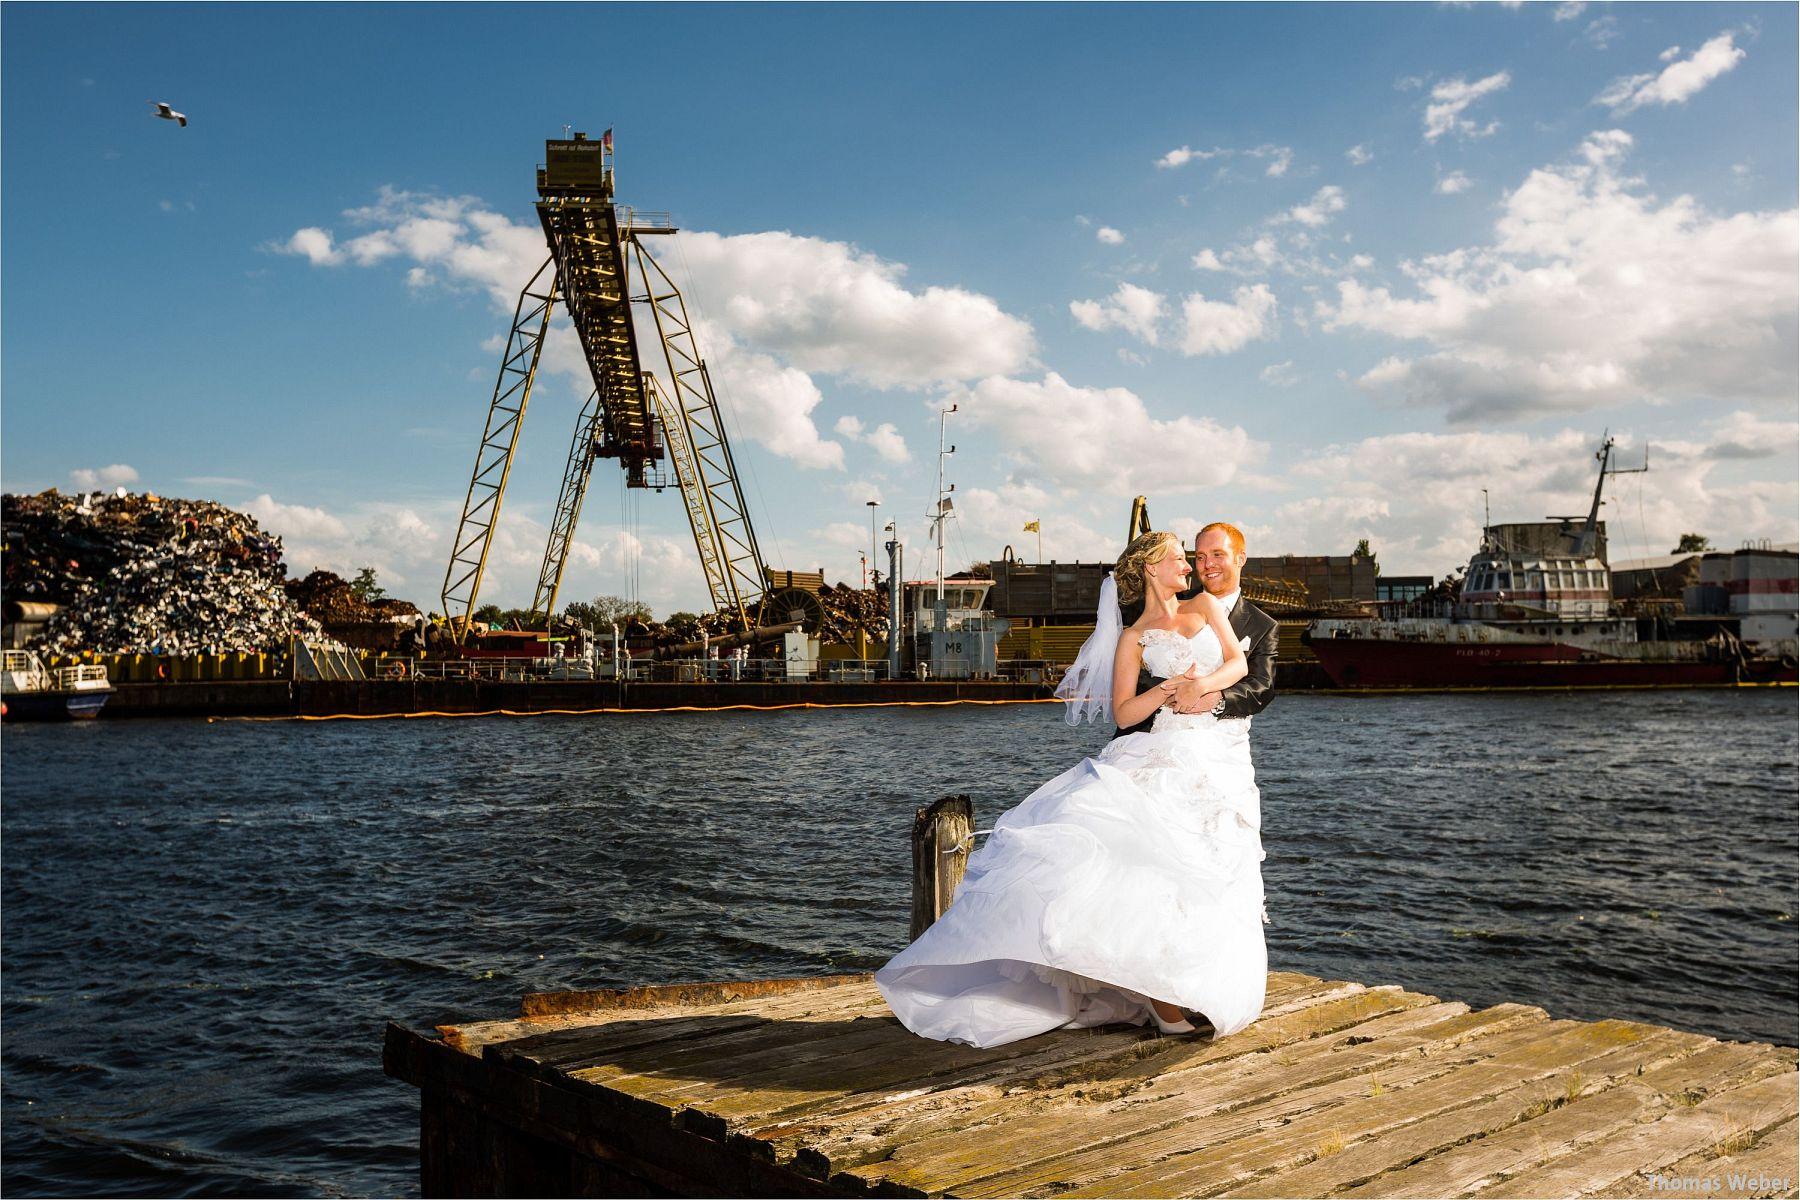 Hochzeitsfotograf Papenburg: Standesamtliche Trauung auf der Burg Kniphausen und Feier im Le Patron am Meer (59)